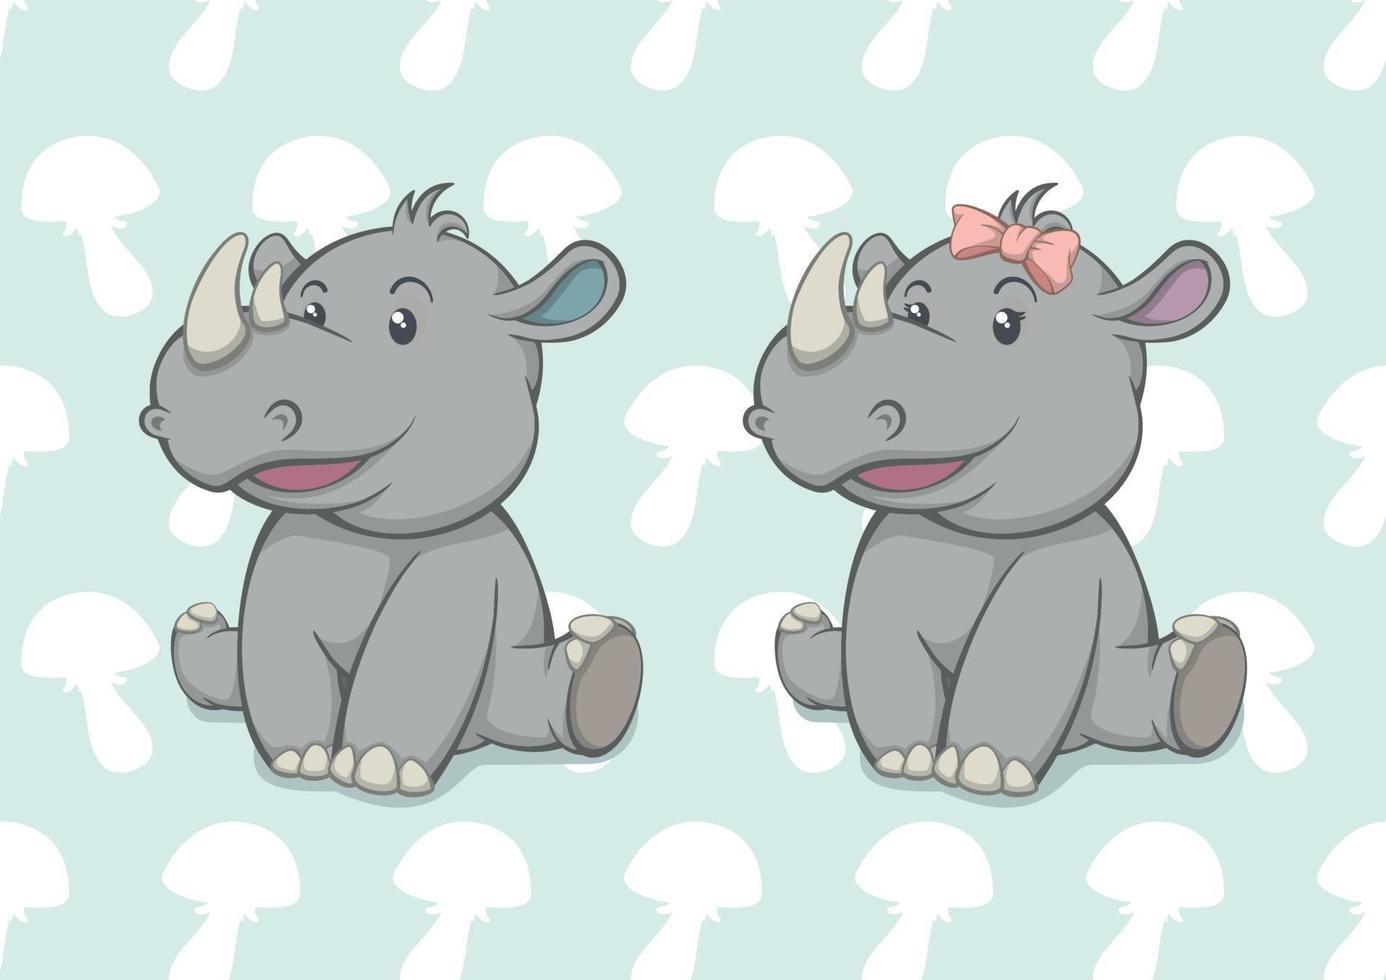 dibujos animados bebé rinoceronte niño y niña vector